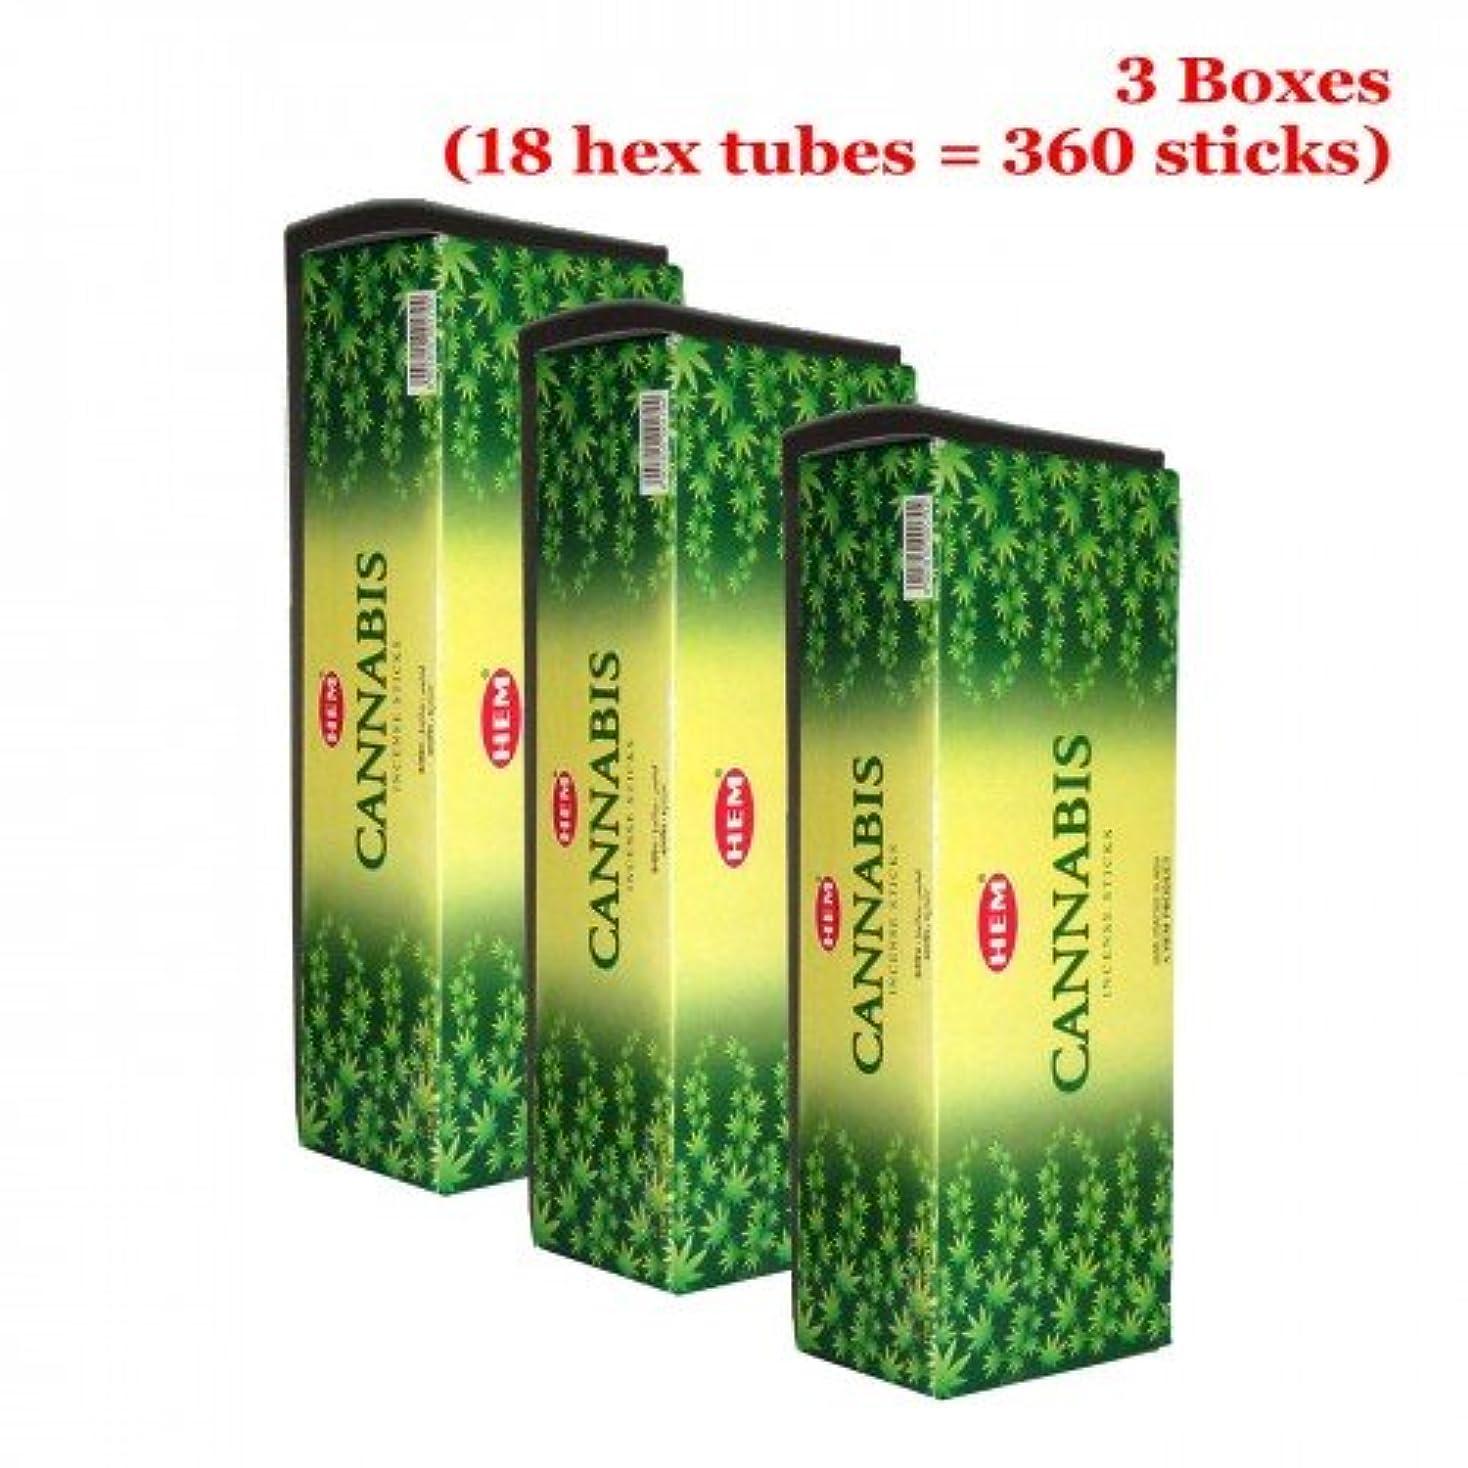 北米火死にかけているHem Cannabis 360一括Incense Sticks、3ボックス – ( 360 Sticksバルクper order )